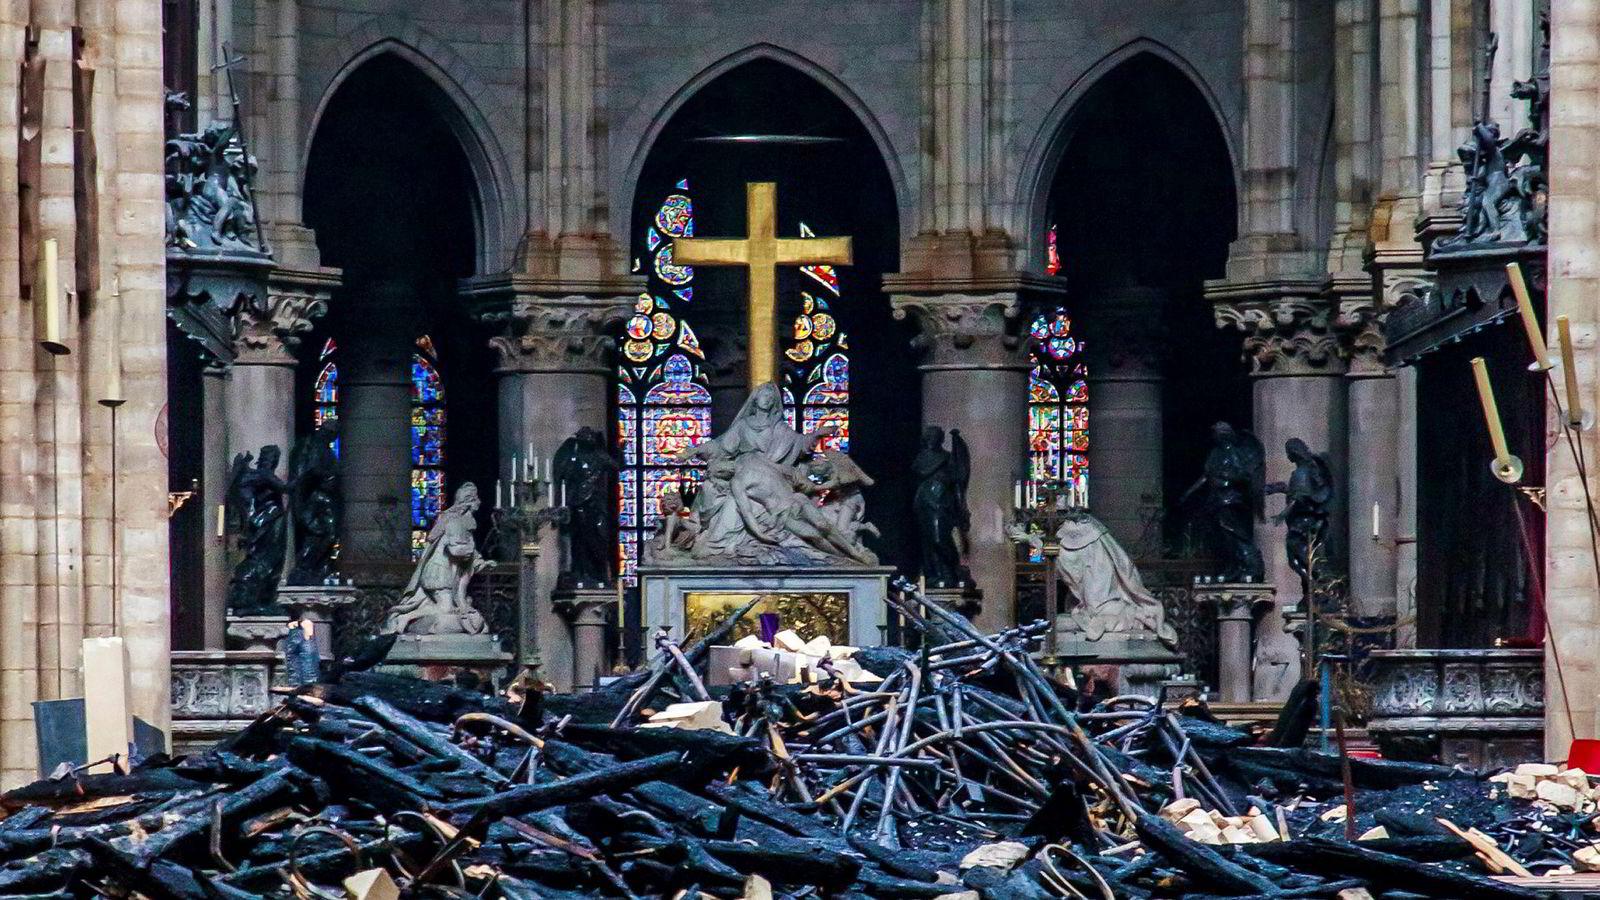 Det stilles spørsmål ved om det finnes nok kvalifiserte fagfolk i verden til å gjenoppbygge Notre-Dame slik den var før brannen.